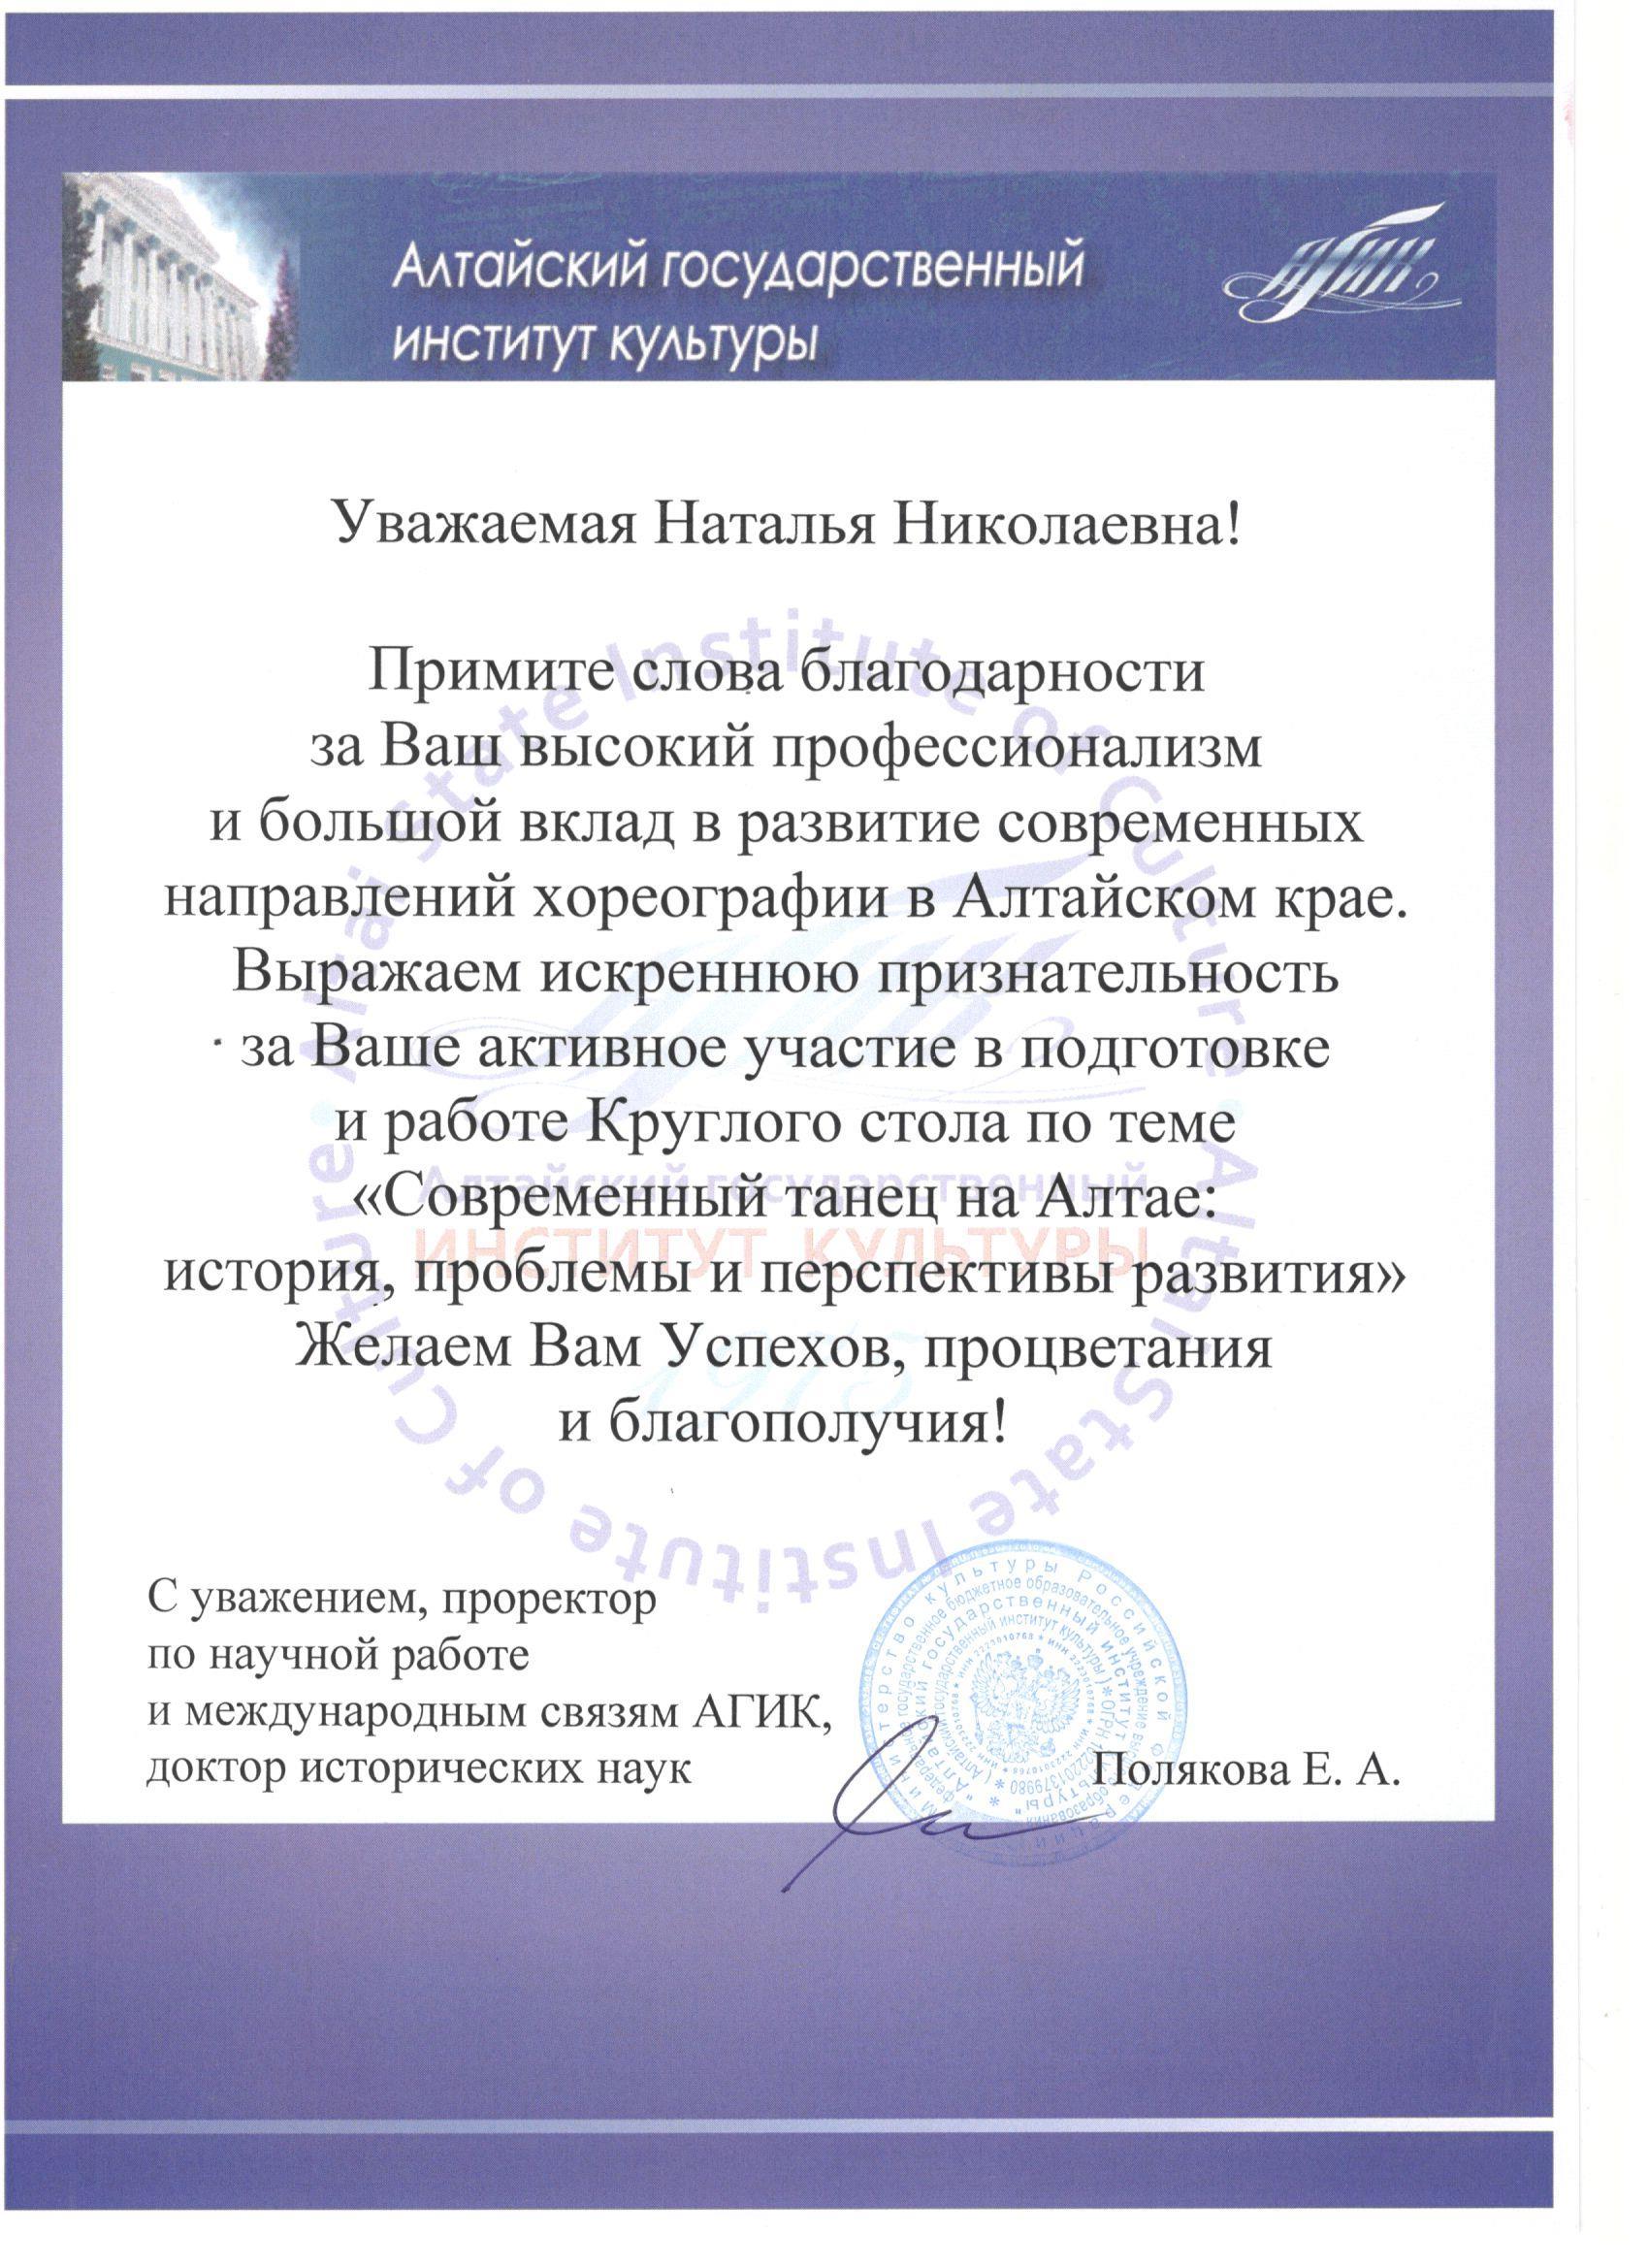 конференция 29.05.19